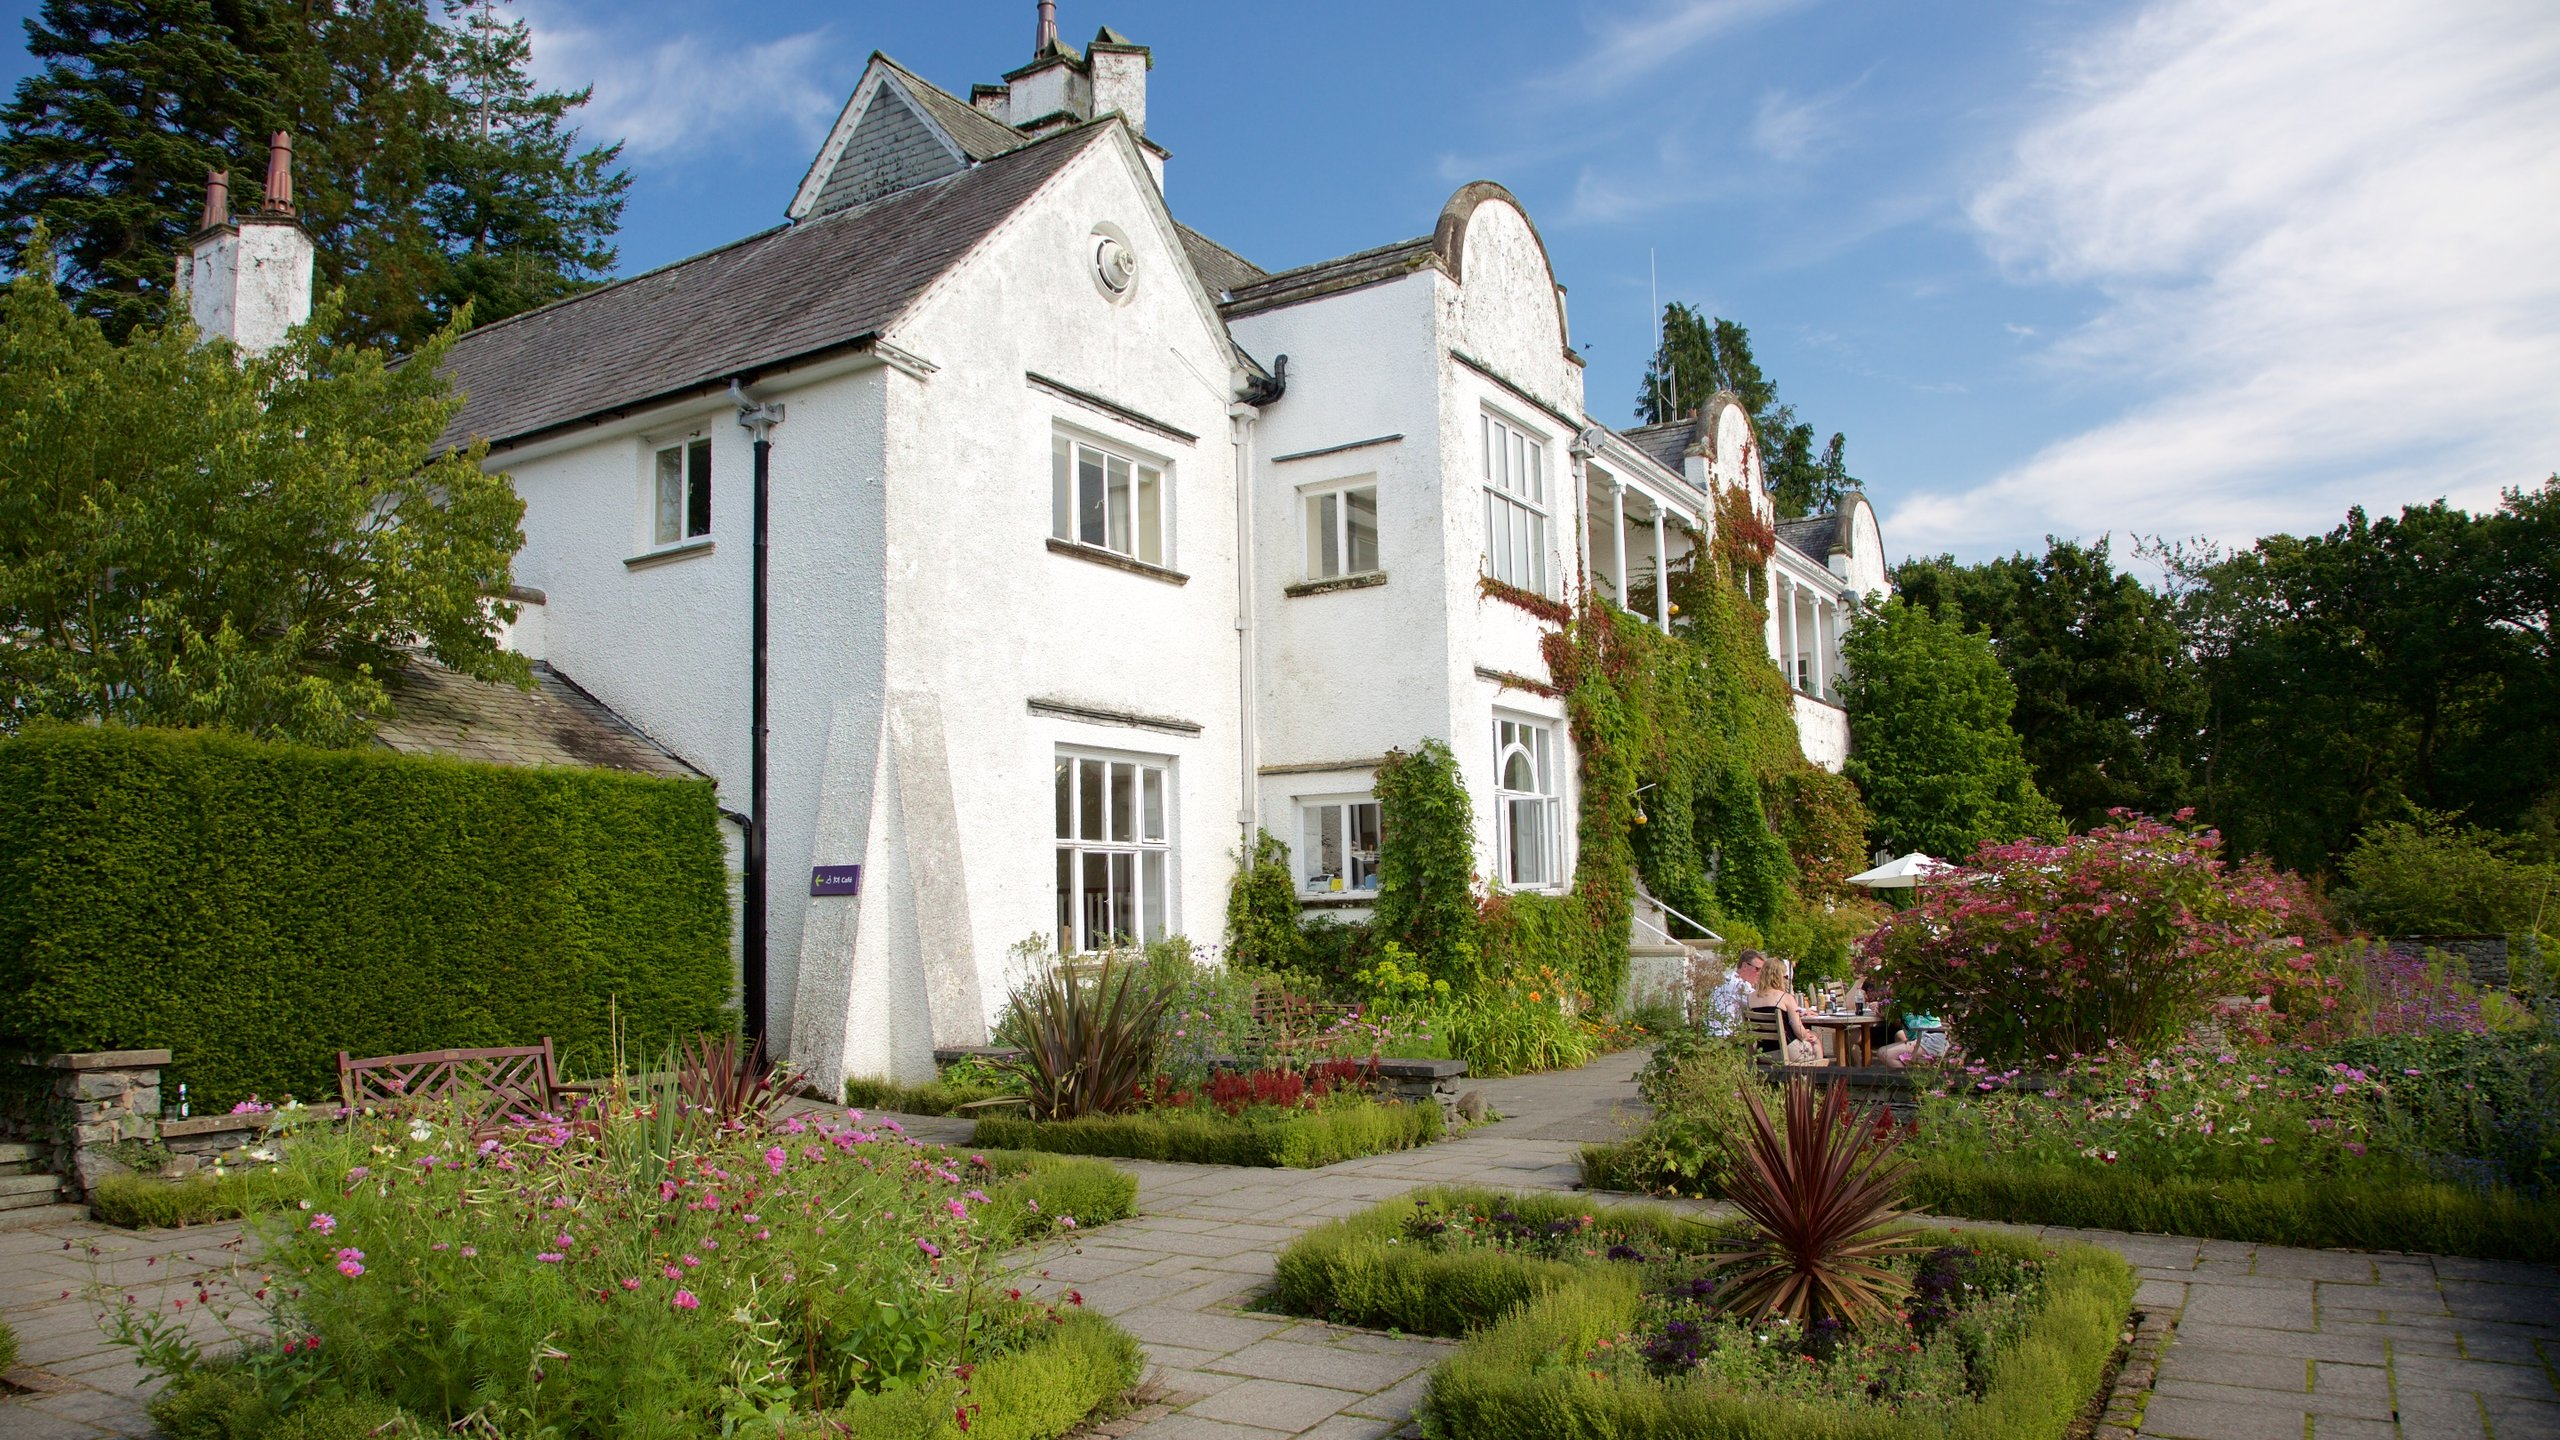 Brockhole - the Lake District Visitor Centre, Windermere, Engeland, Verenigd Koninkrijk